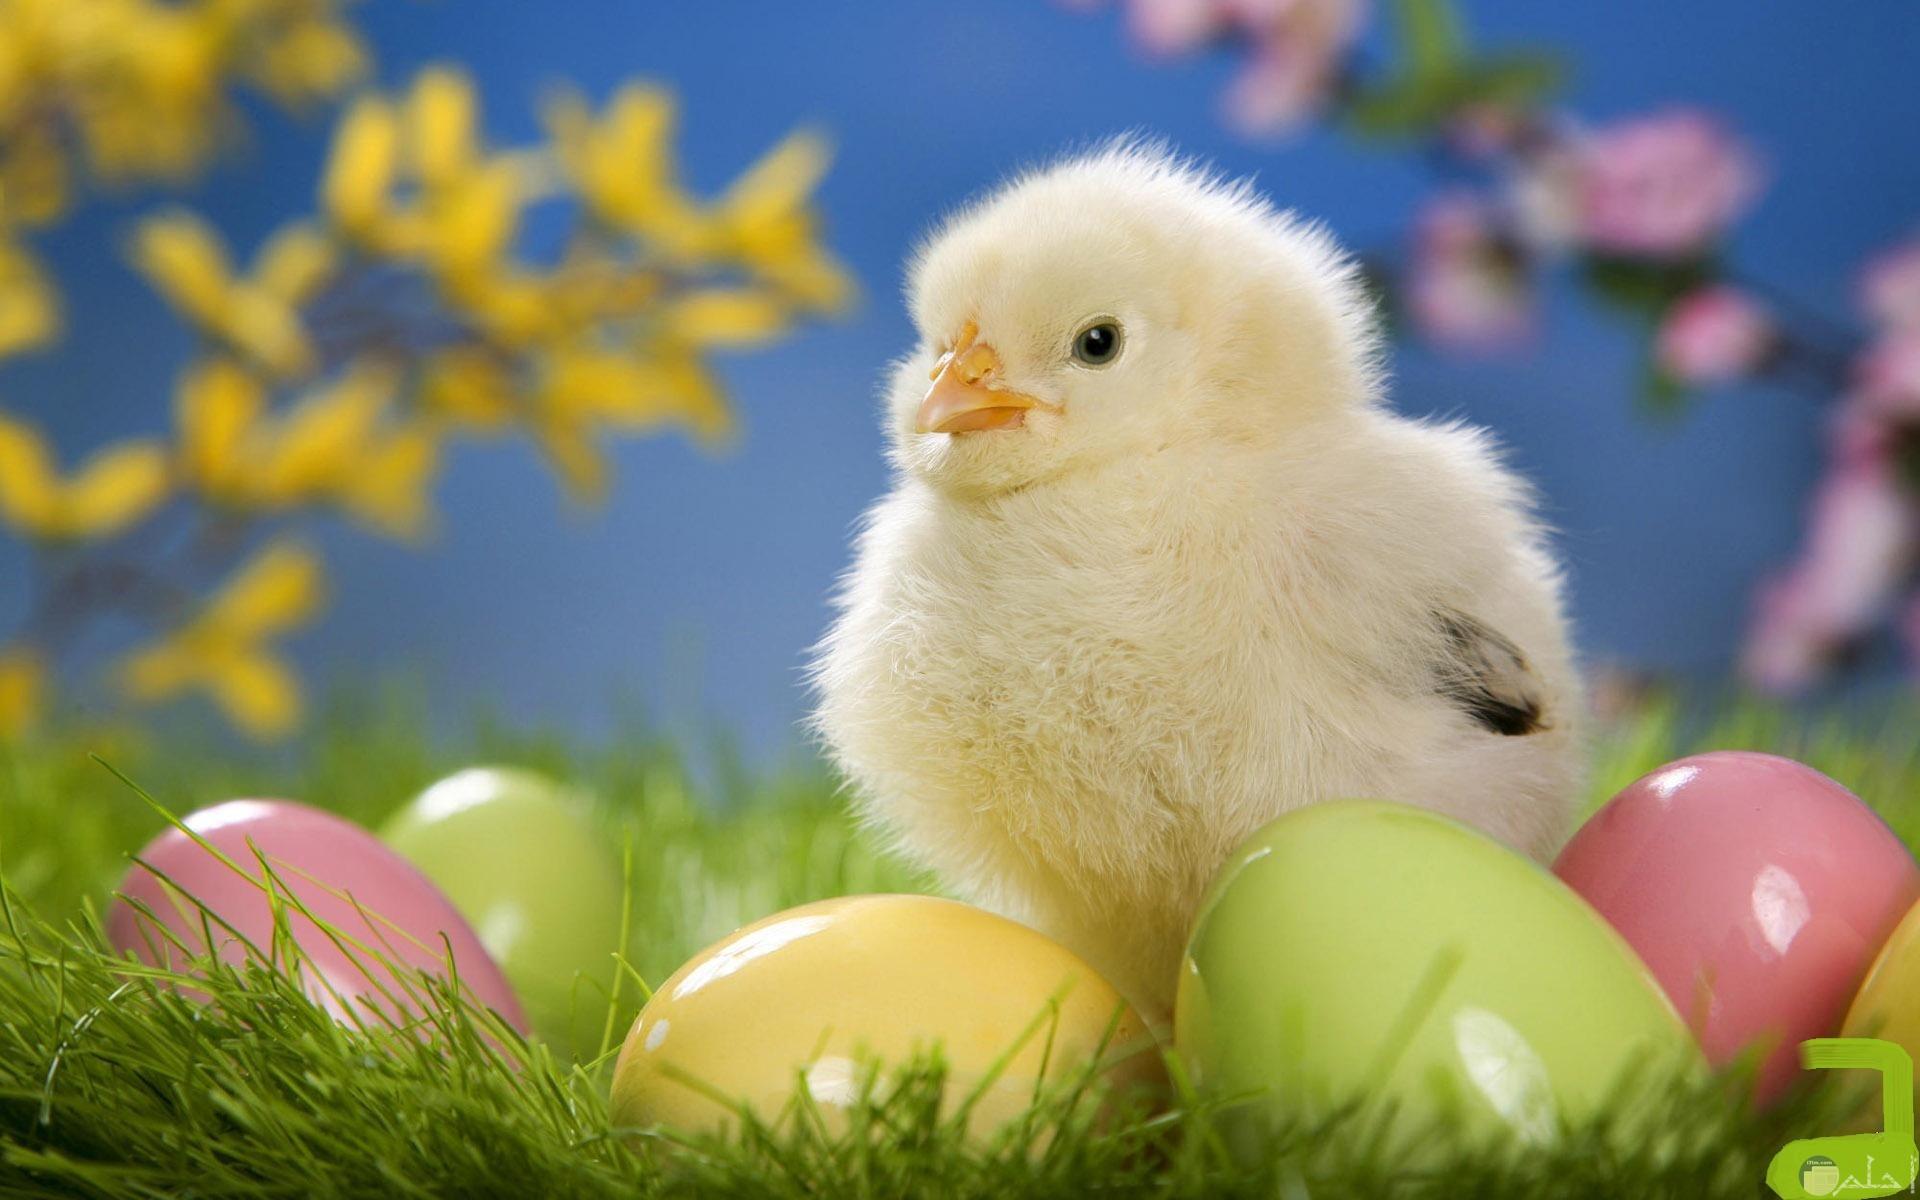 كتكوت صغير محاط ببعض البيضات.